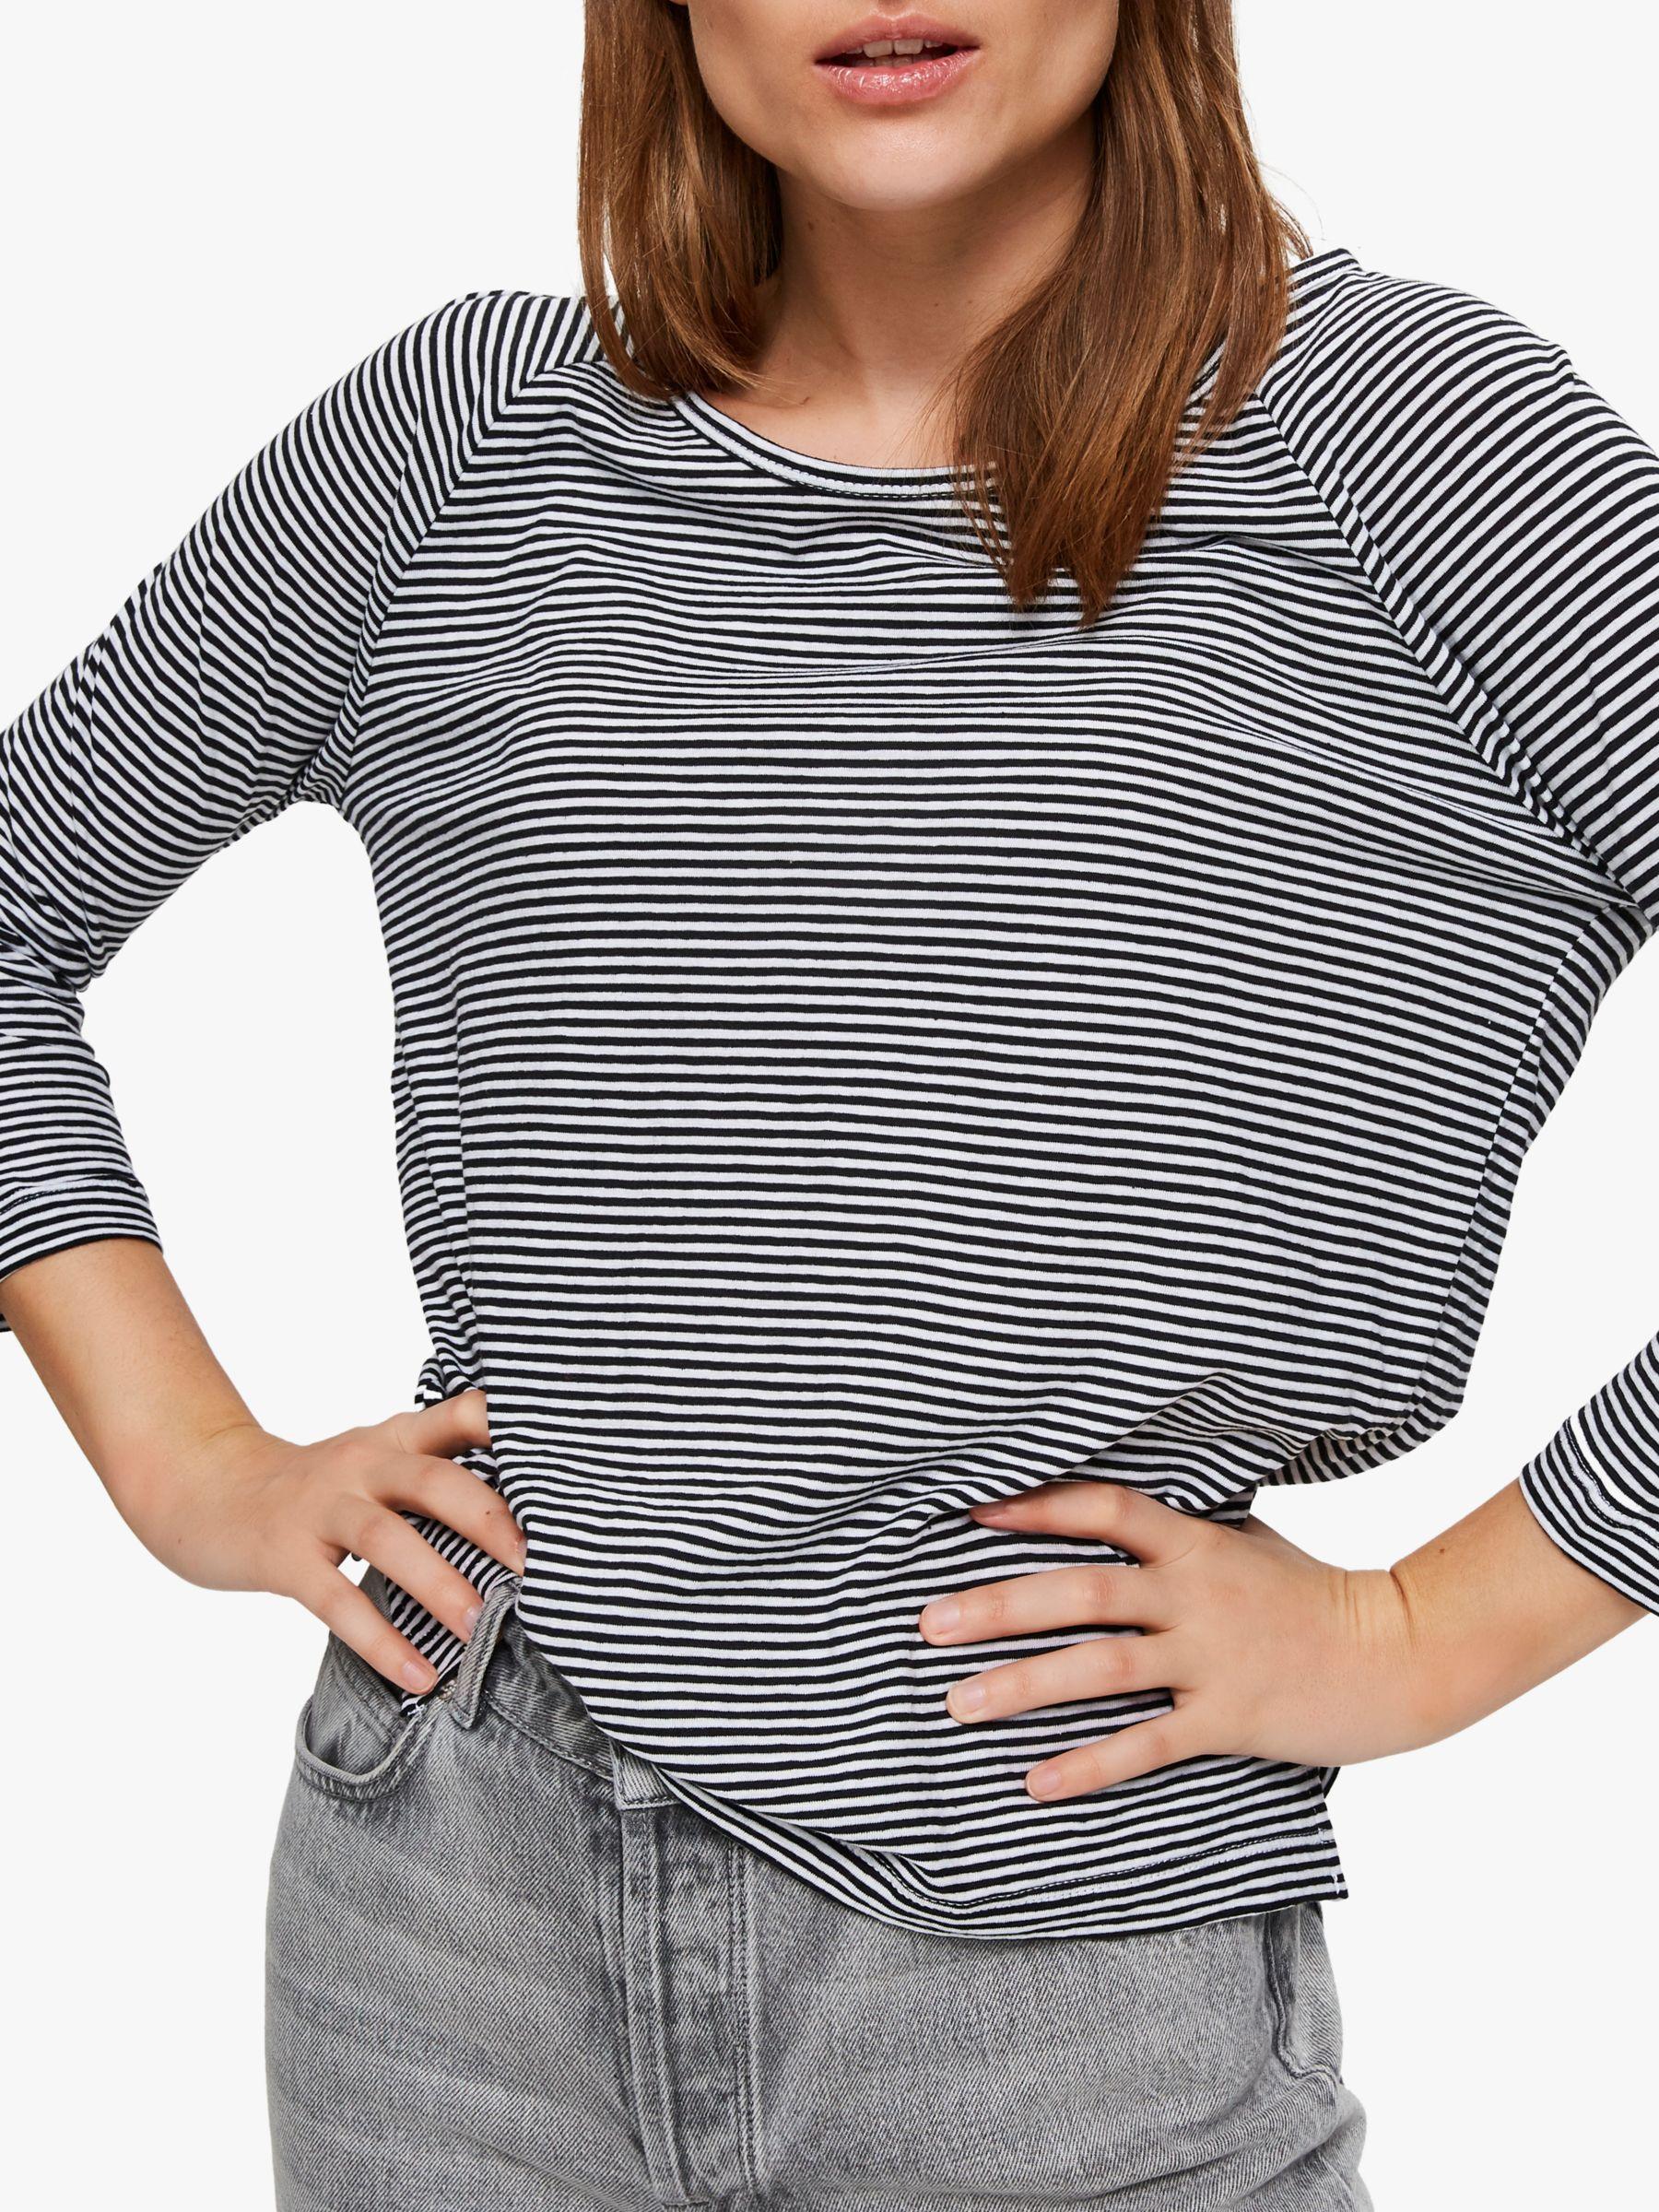 Selected Femme Selected Femme Astrid 3/4 Horizontal Stripe T-Shirt, Black/White